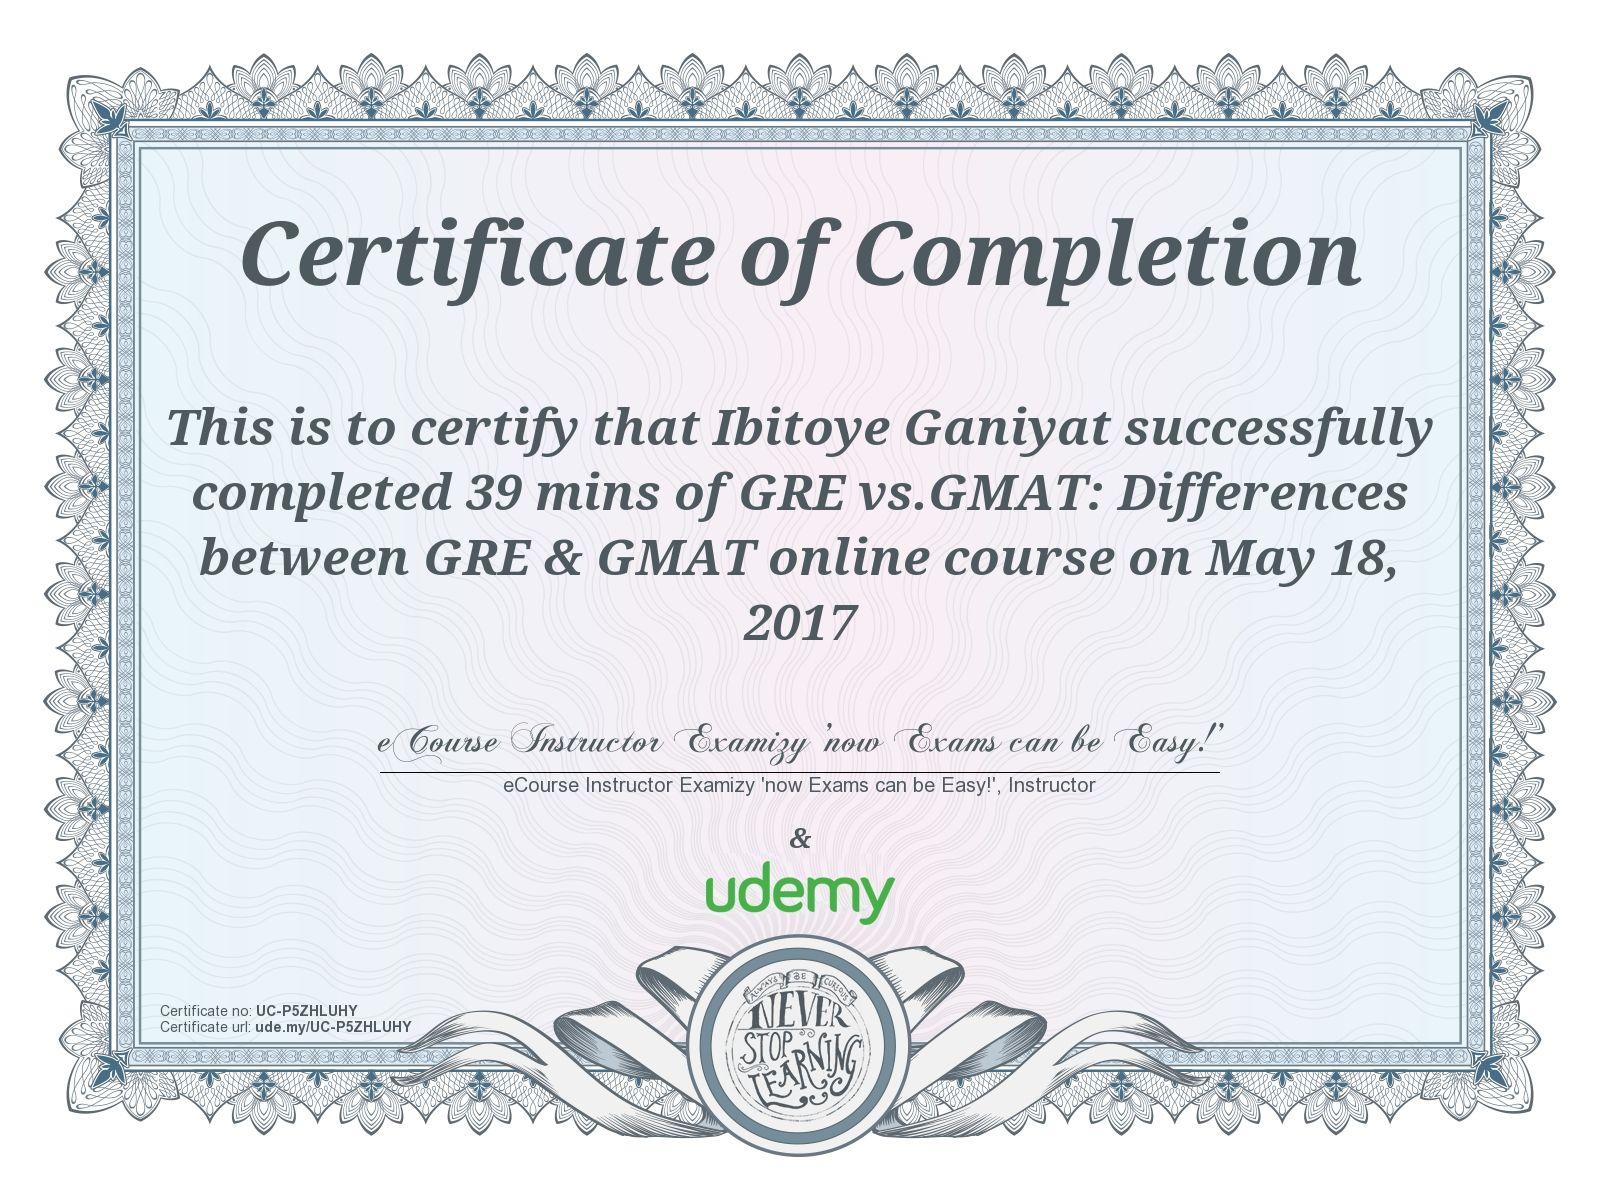 Pin By Ganiyat Omolara On Ganiyat Online Courses Certificate